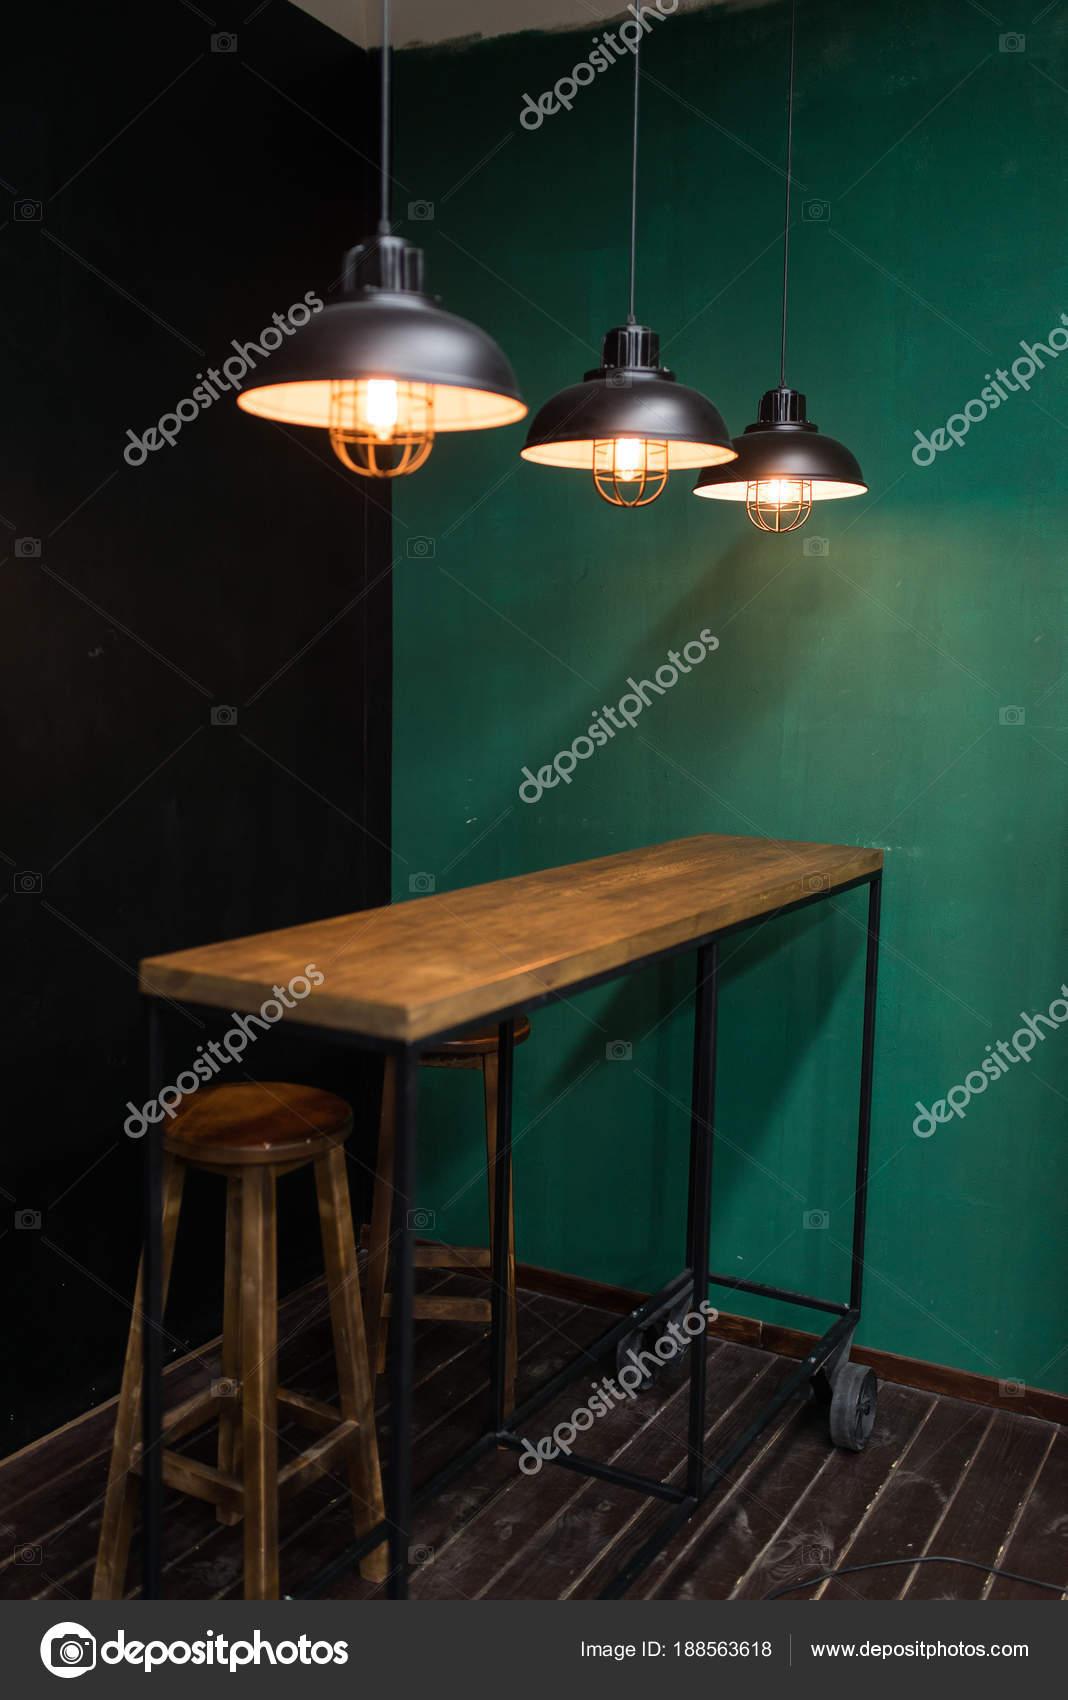 Groovy Bar Rack Wheels Kitchen Hanging Lights Wooden Bar Stools Inzonedesignstudio Interior Chair Design Inzonedesignstudiocom